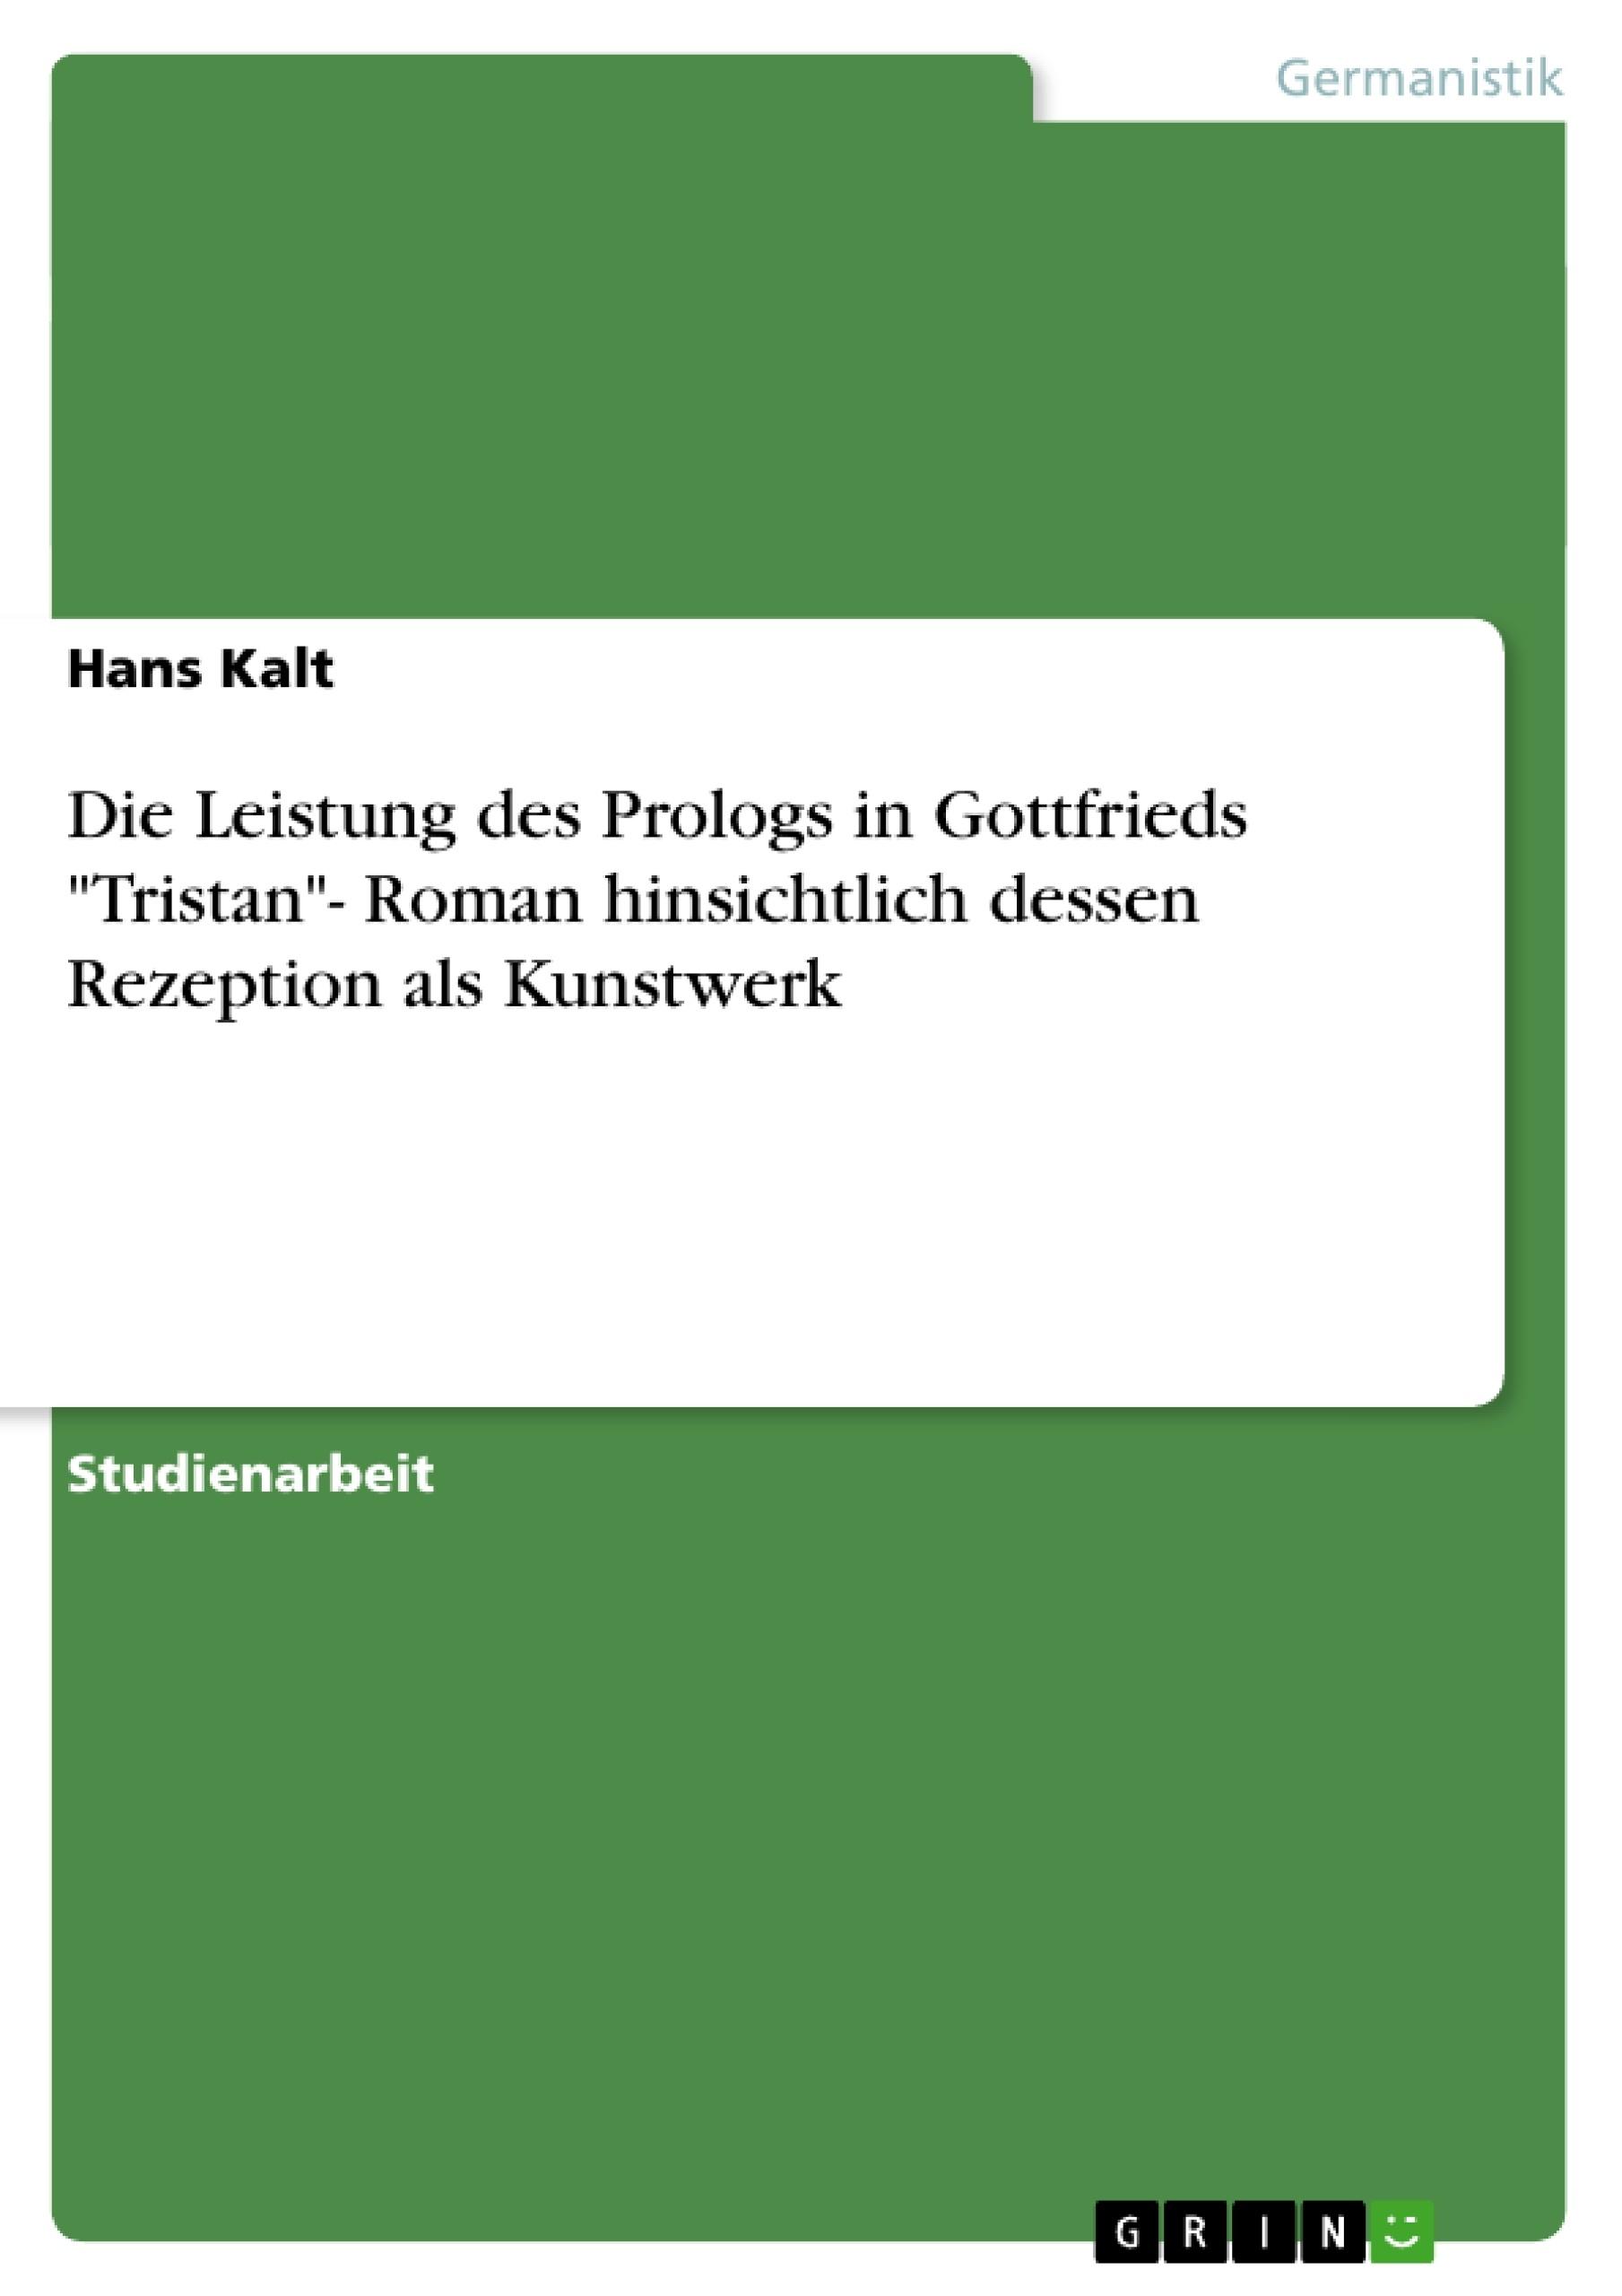 """Titel: Die Leistung des Prologs in Gottfrieds """"Tristan""""- Roman hinsichtlich dessen Rezeption als Kunstwerk"""